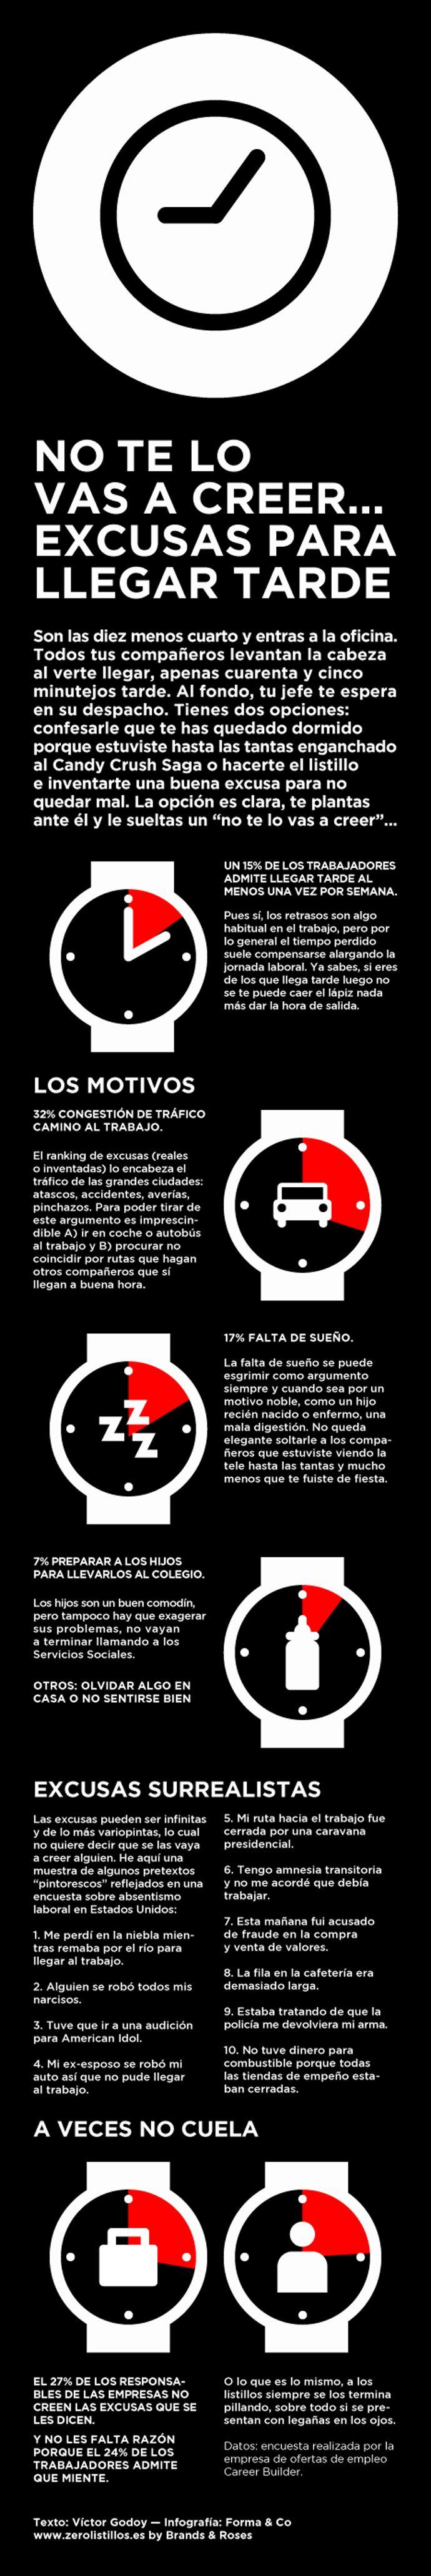 Excusas para llegar tarde al trabajo #infografía #infographic